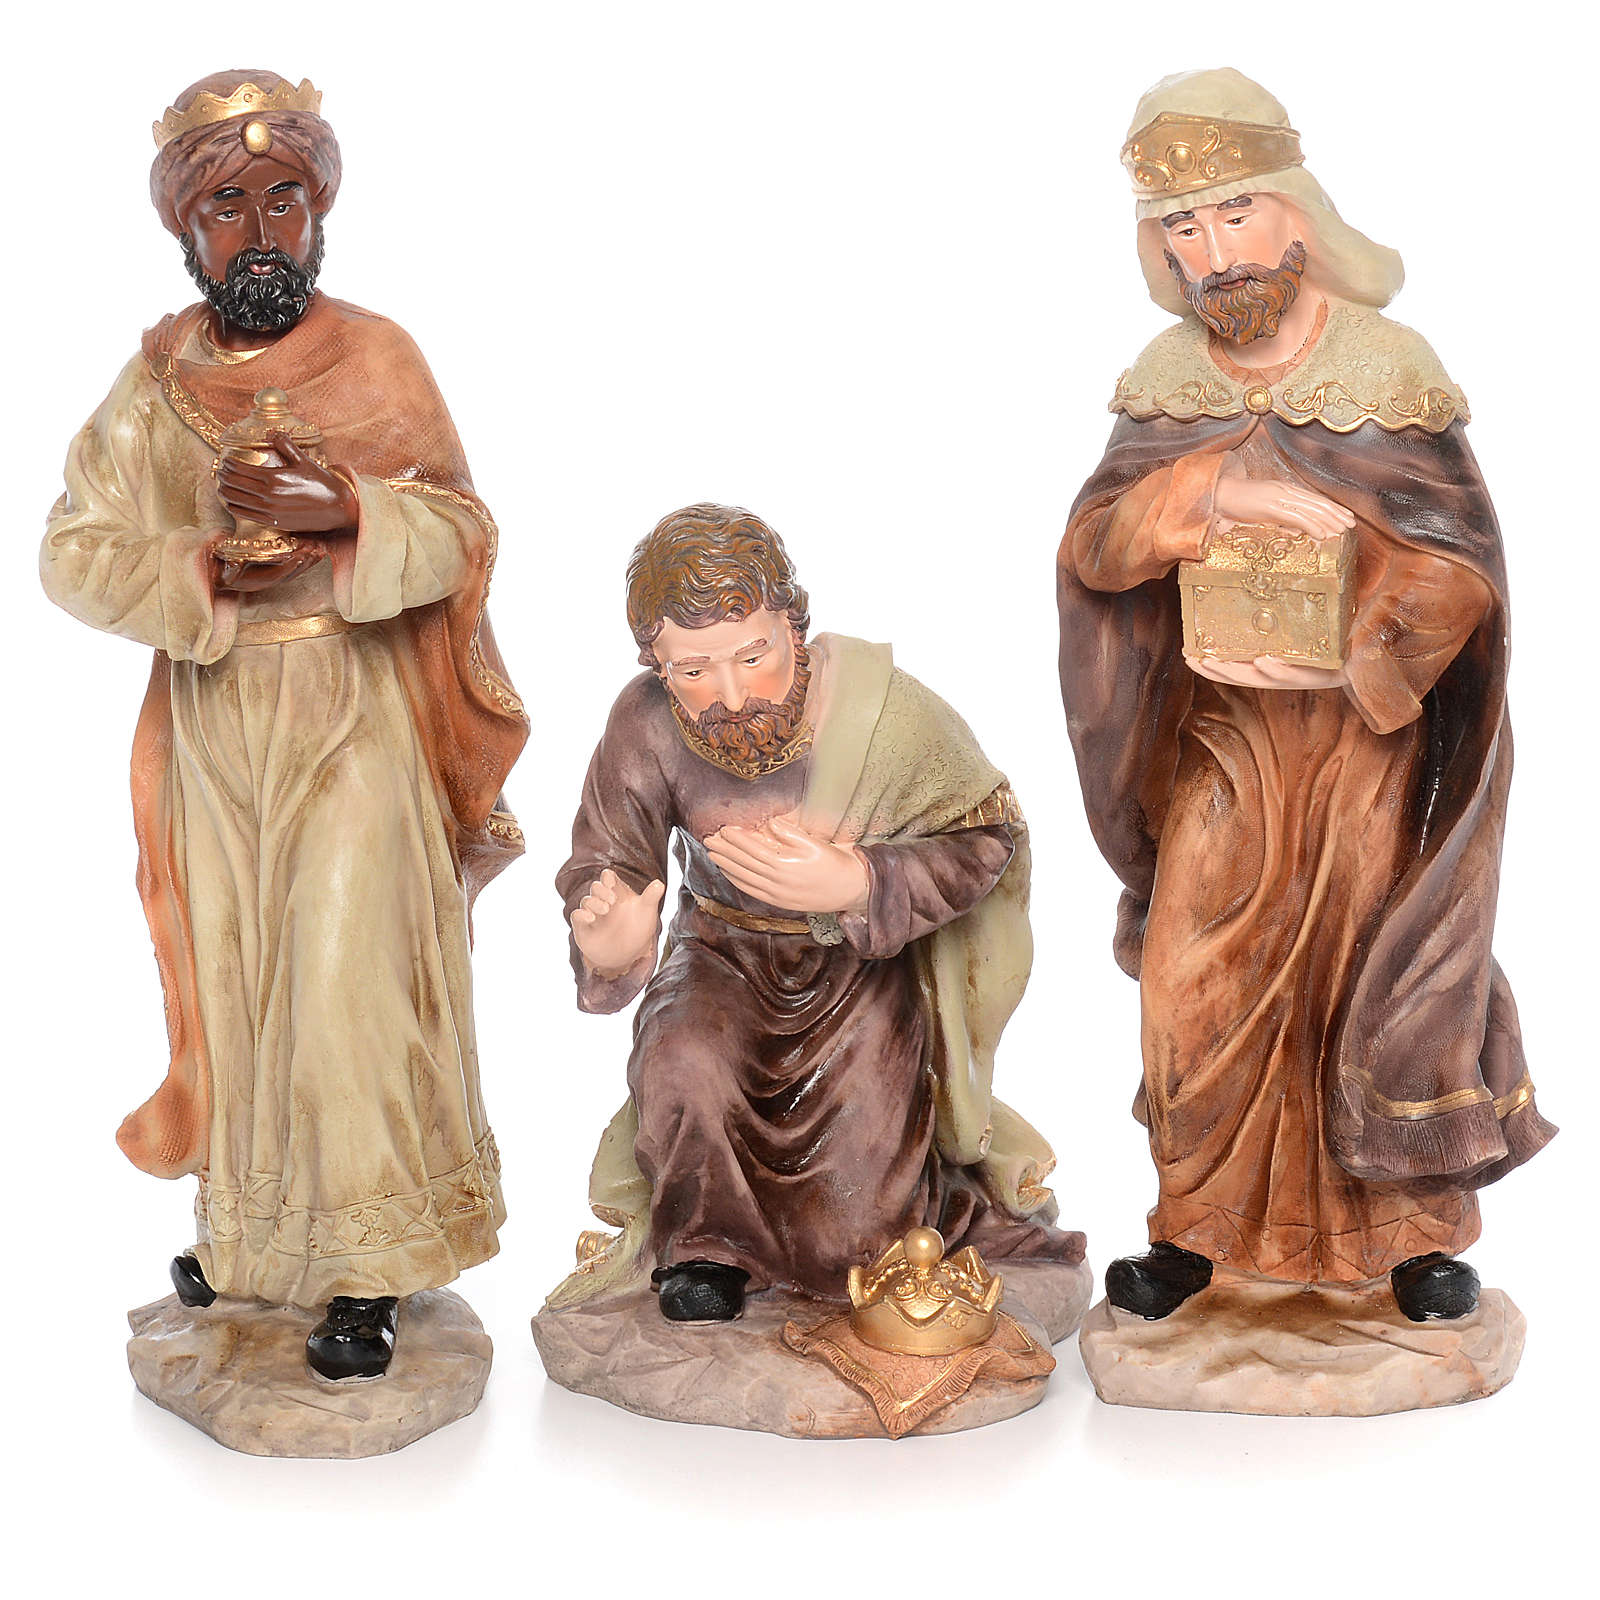 Presepe completo resina cm 50 - 11 statue 4